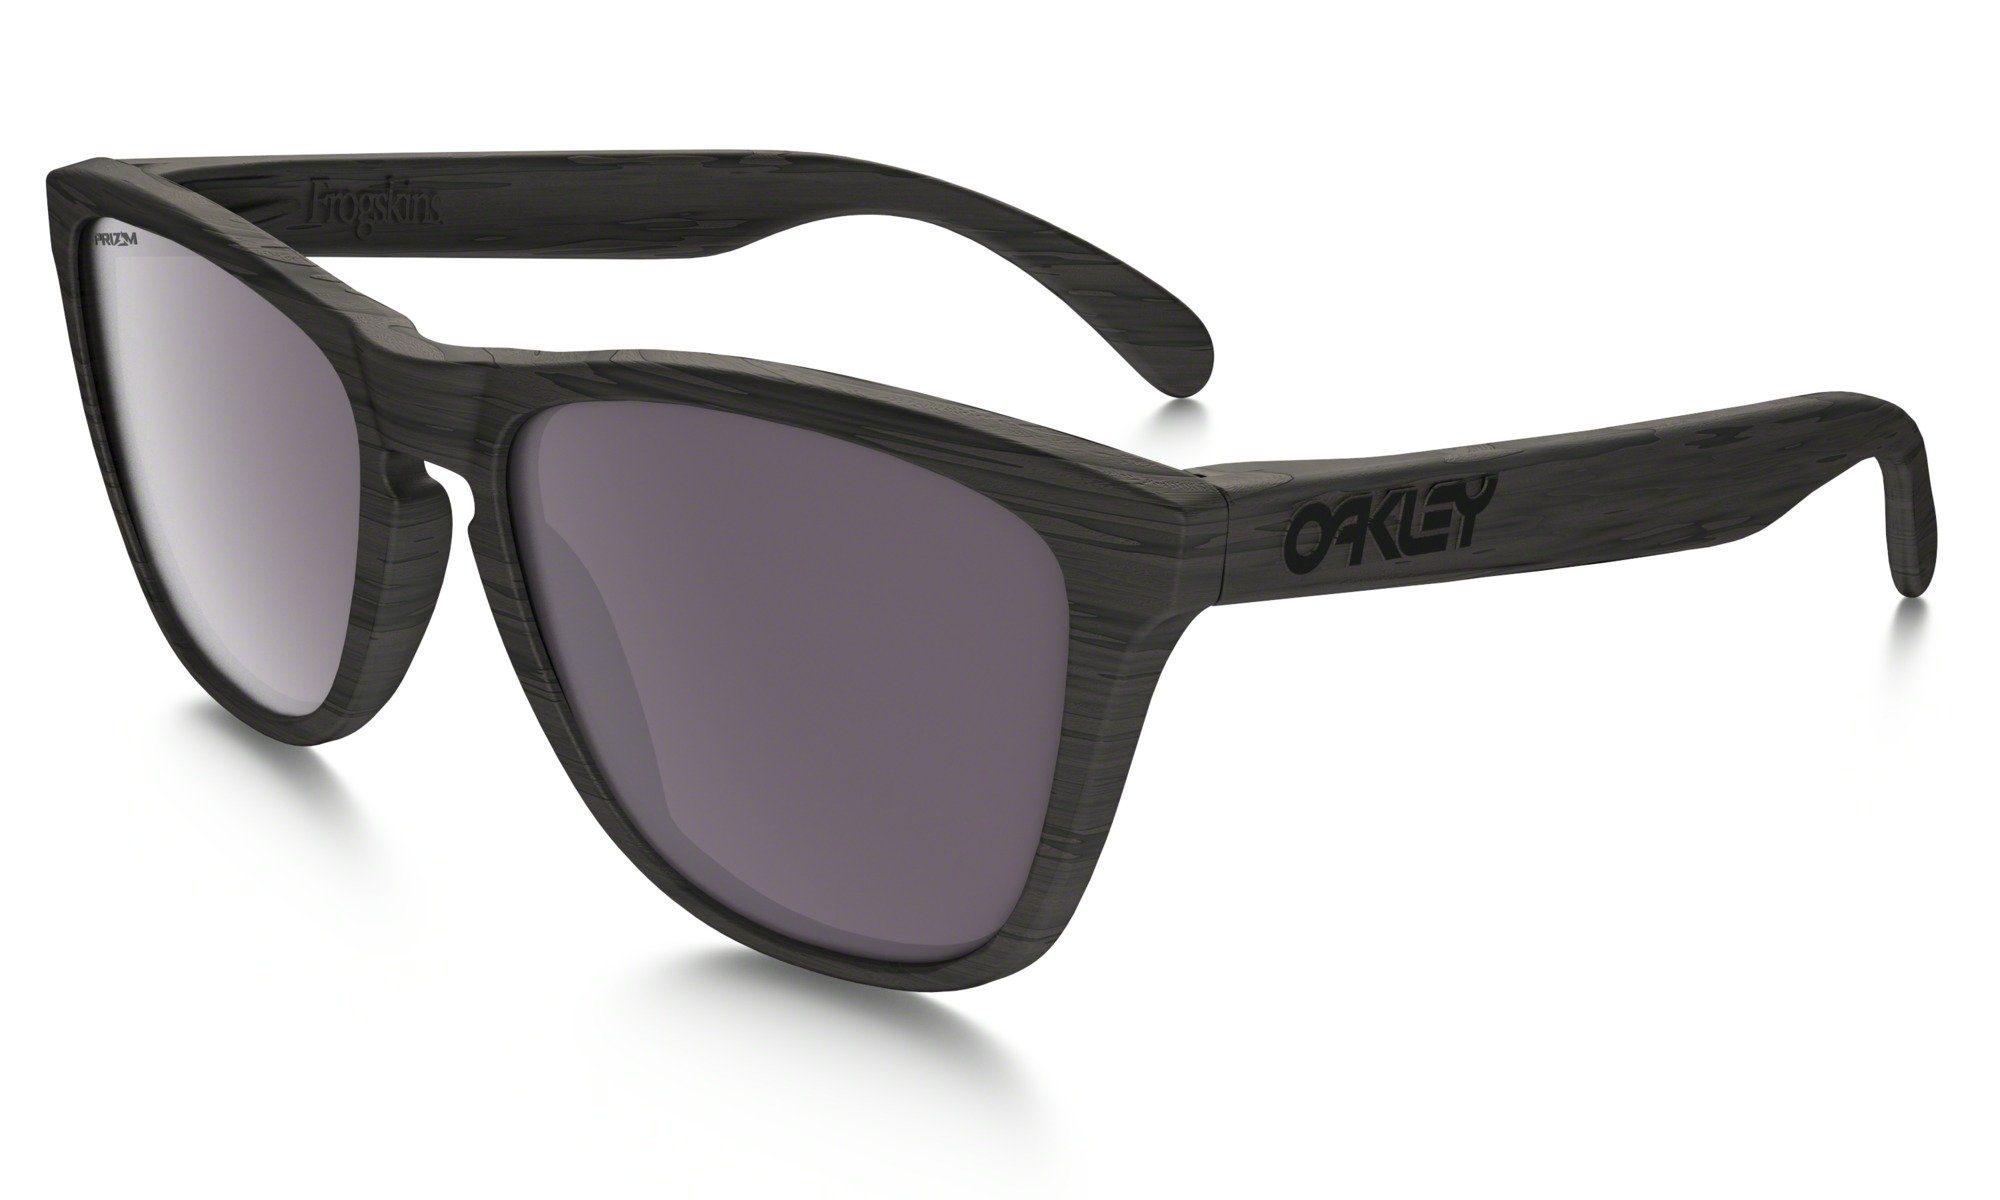 Oakley Radsportbrille »Frogskins«